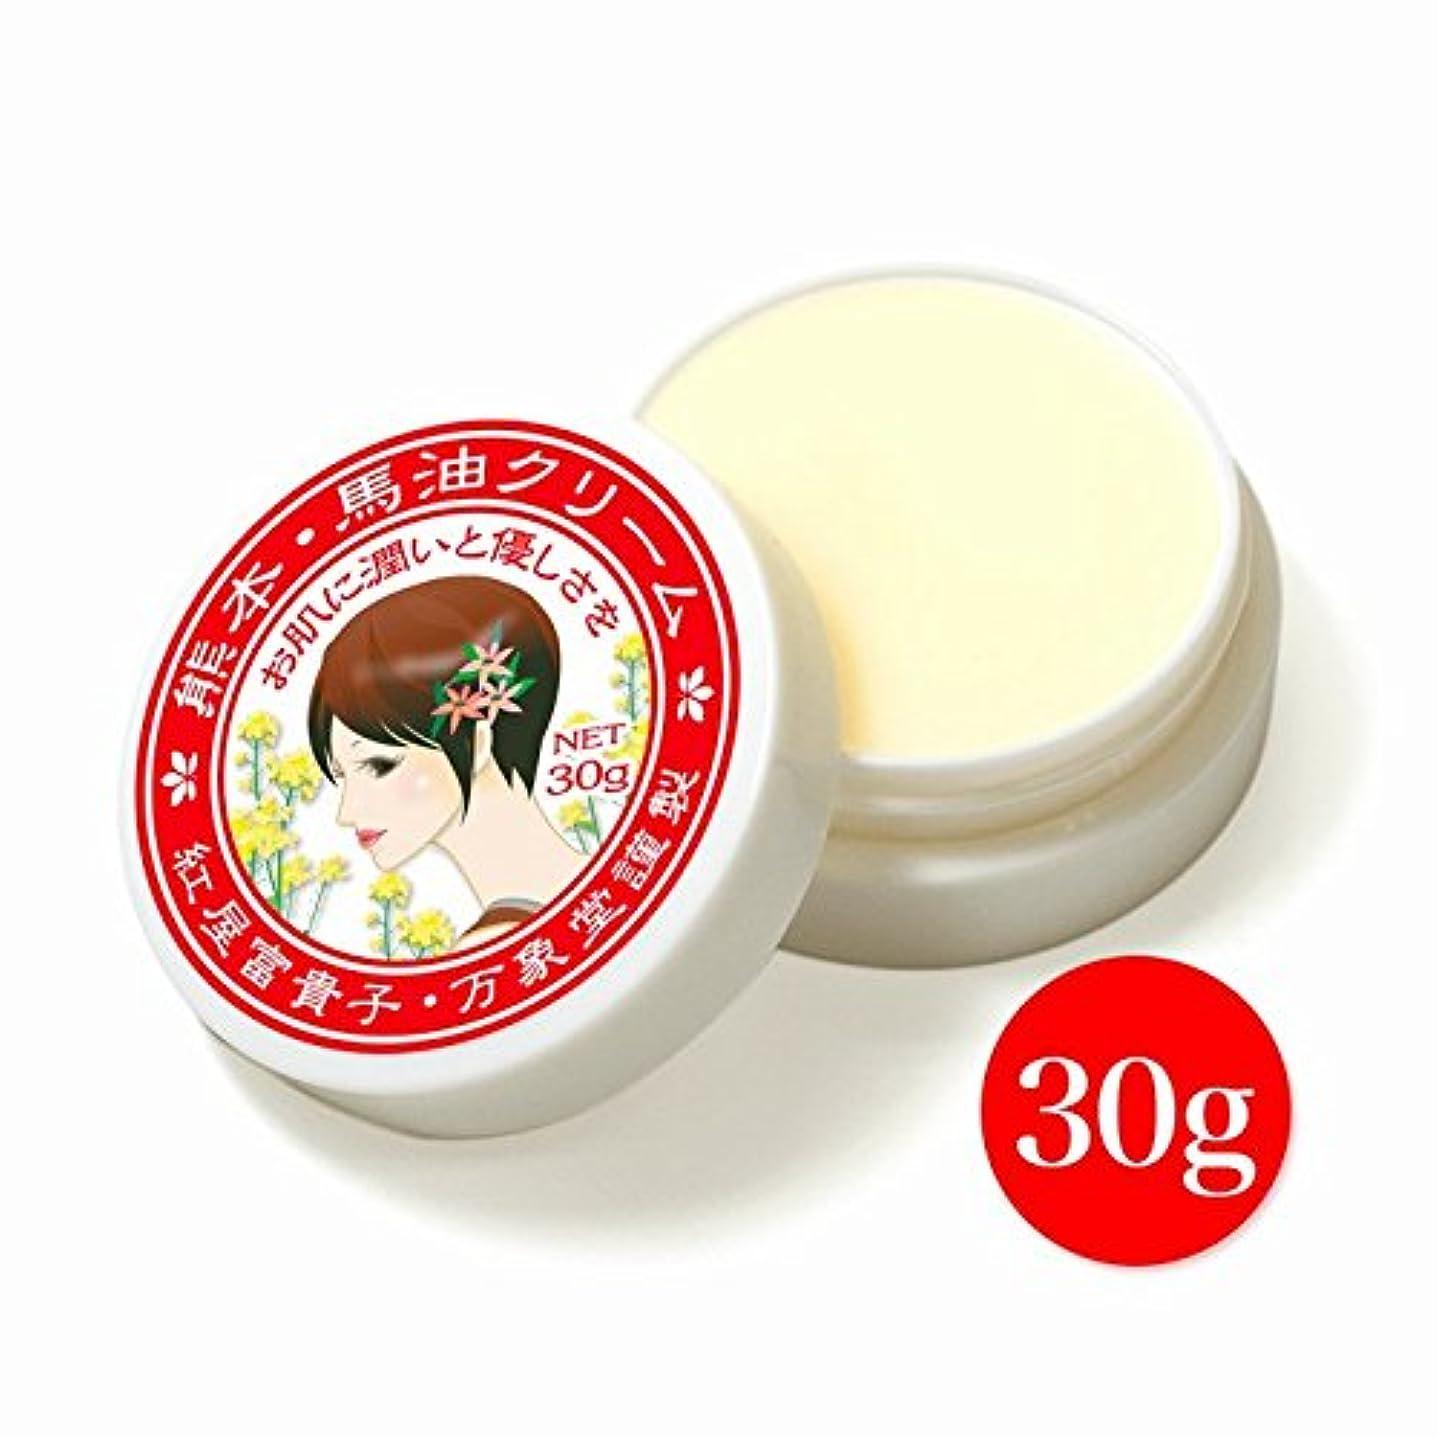 ヒョウ雇うテーブル森羅万象堂 馬油クリーム 30g (ラベンダーの香り)精油 アロマ 国産 保湿 スキンクリーム